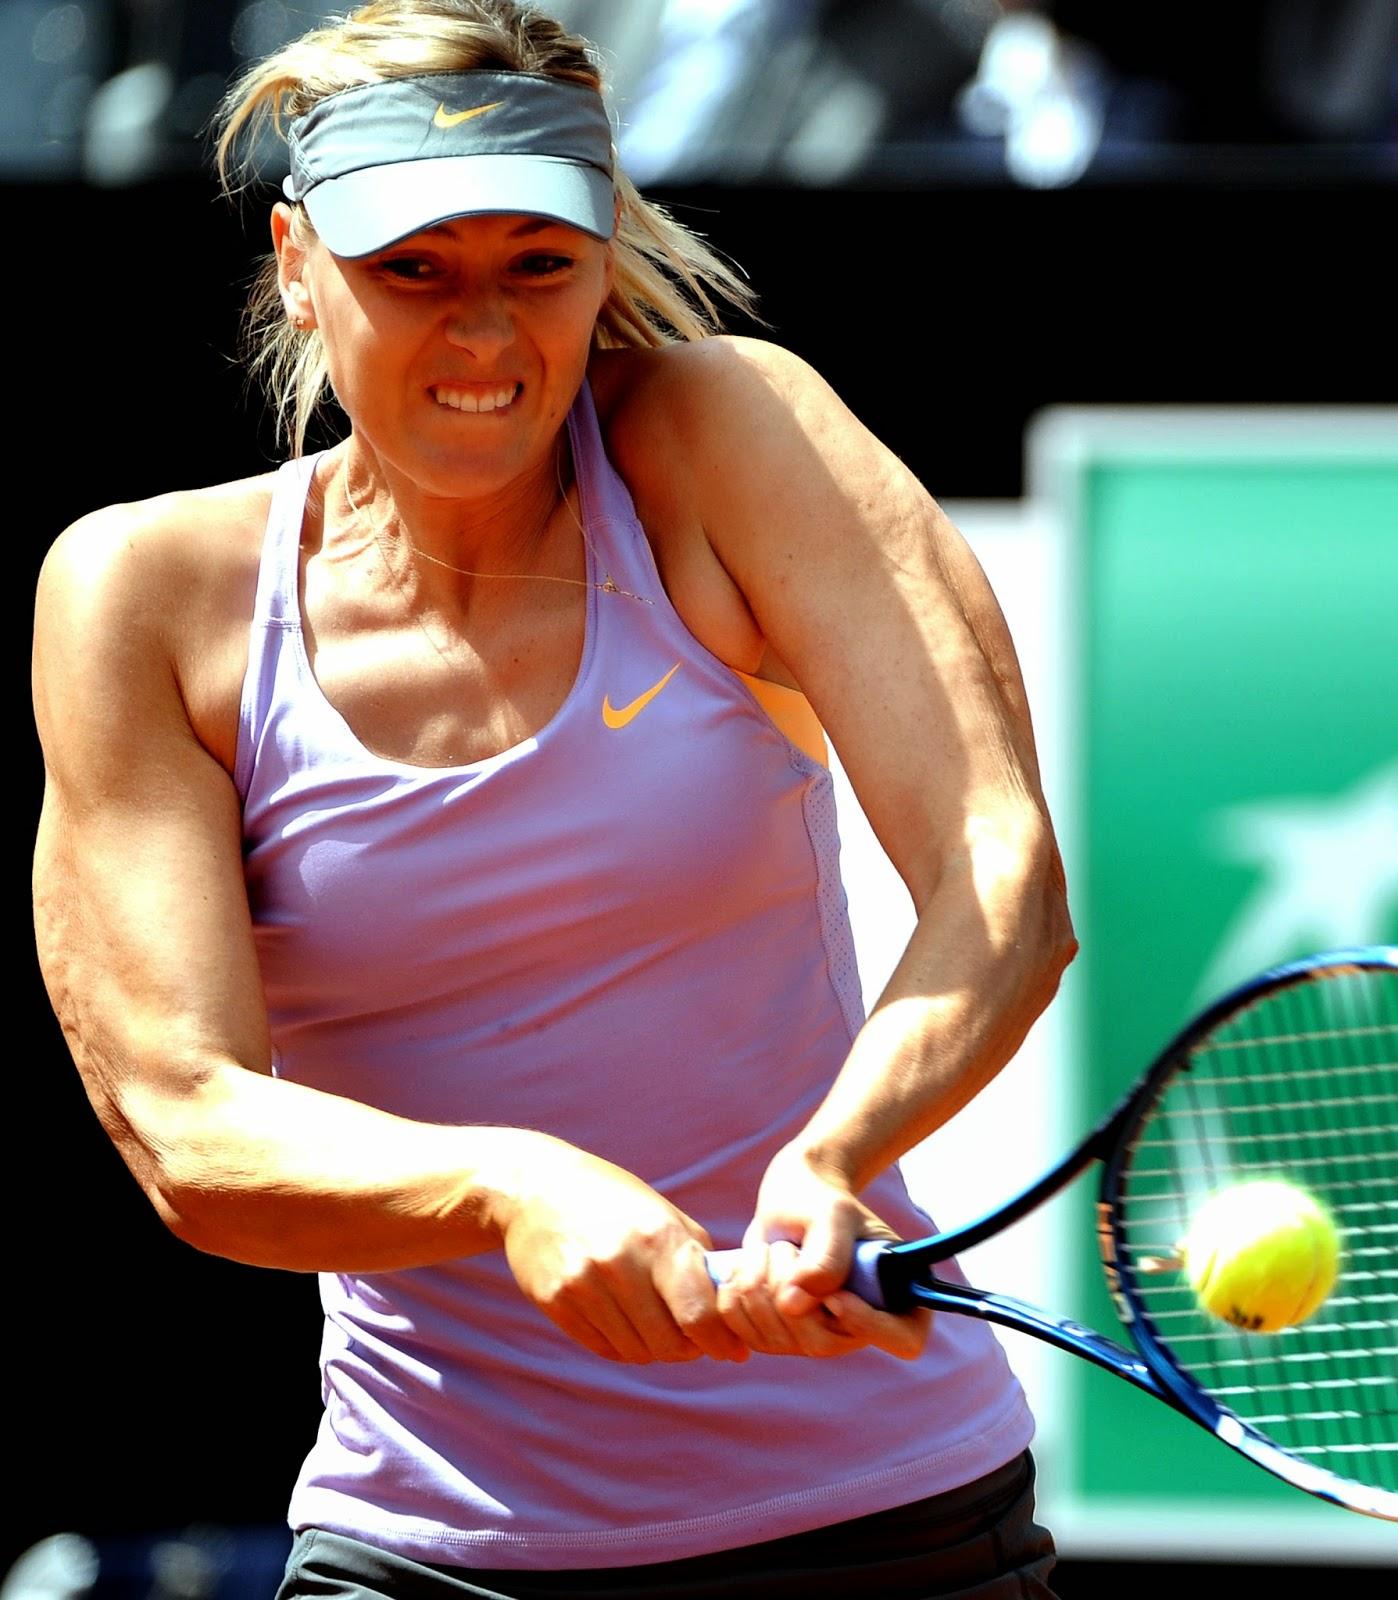 Ana Ivanovic, Foro Italico, Maria Sharapova, Rome, Rome Masters Tennis, Rome Masters Tennis 2014, Sports, Tennis, Tennis Star,